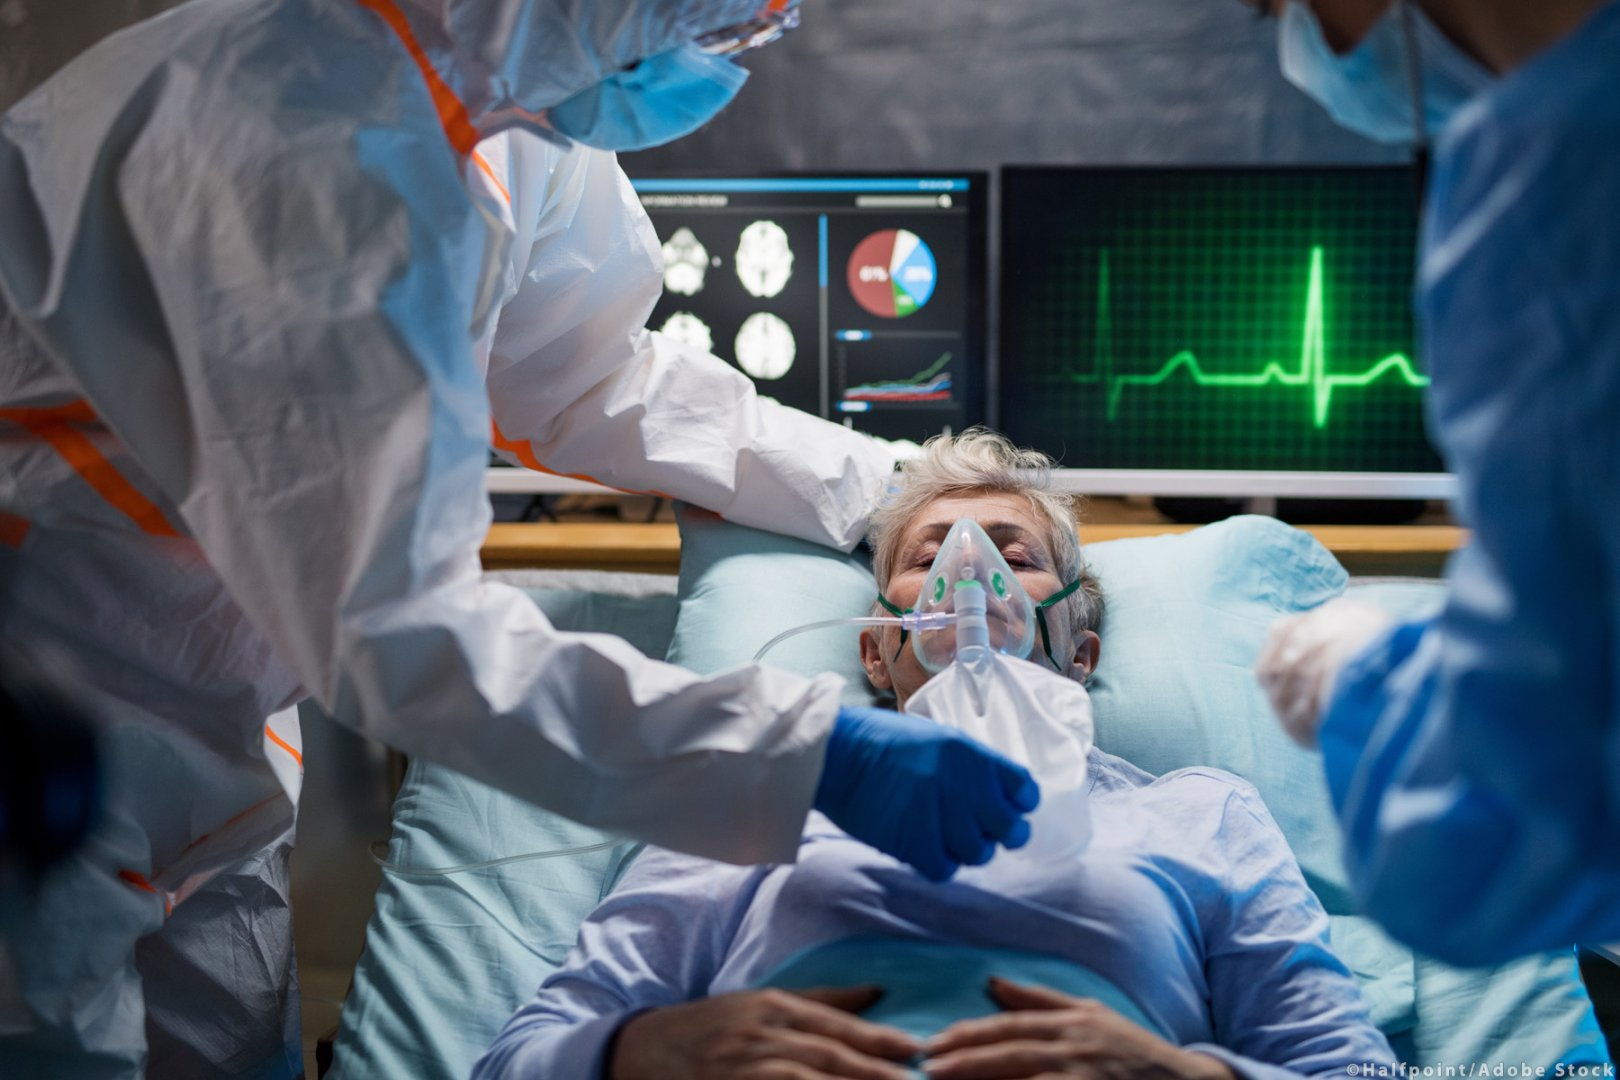 4879са приети за лечение в болници в страната, като от тях 388са на интензивно лечение. Снимката е илюстративна